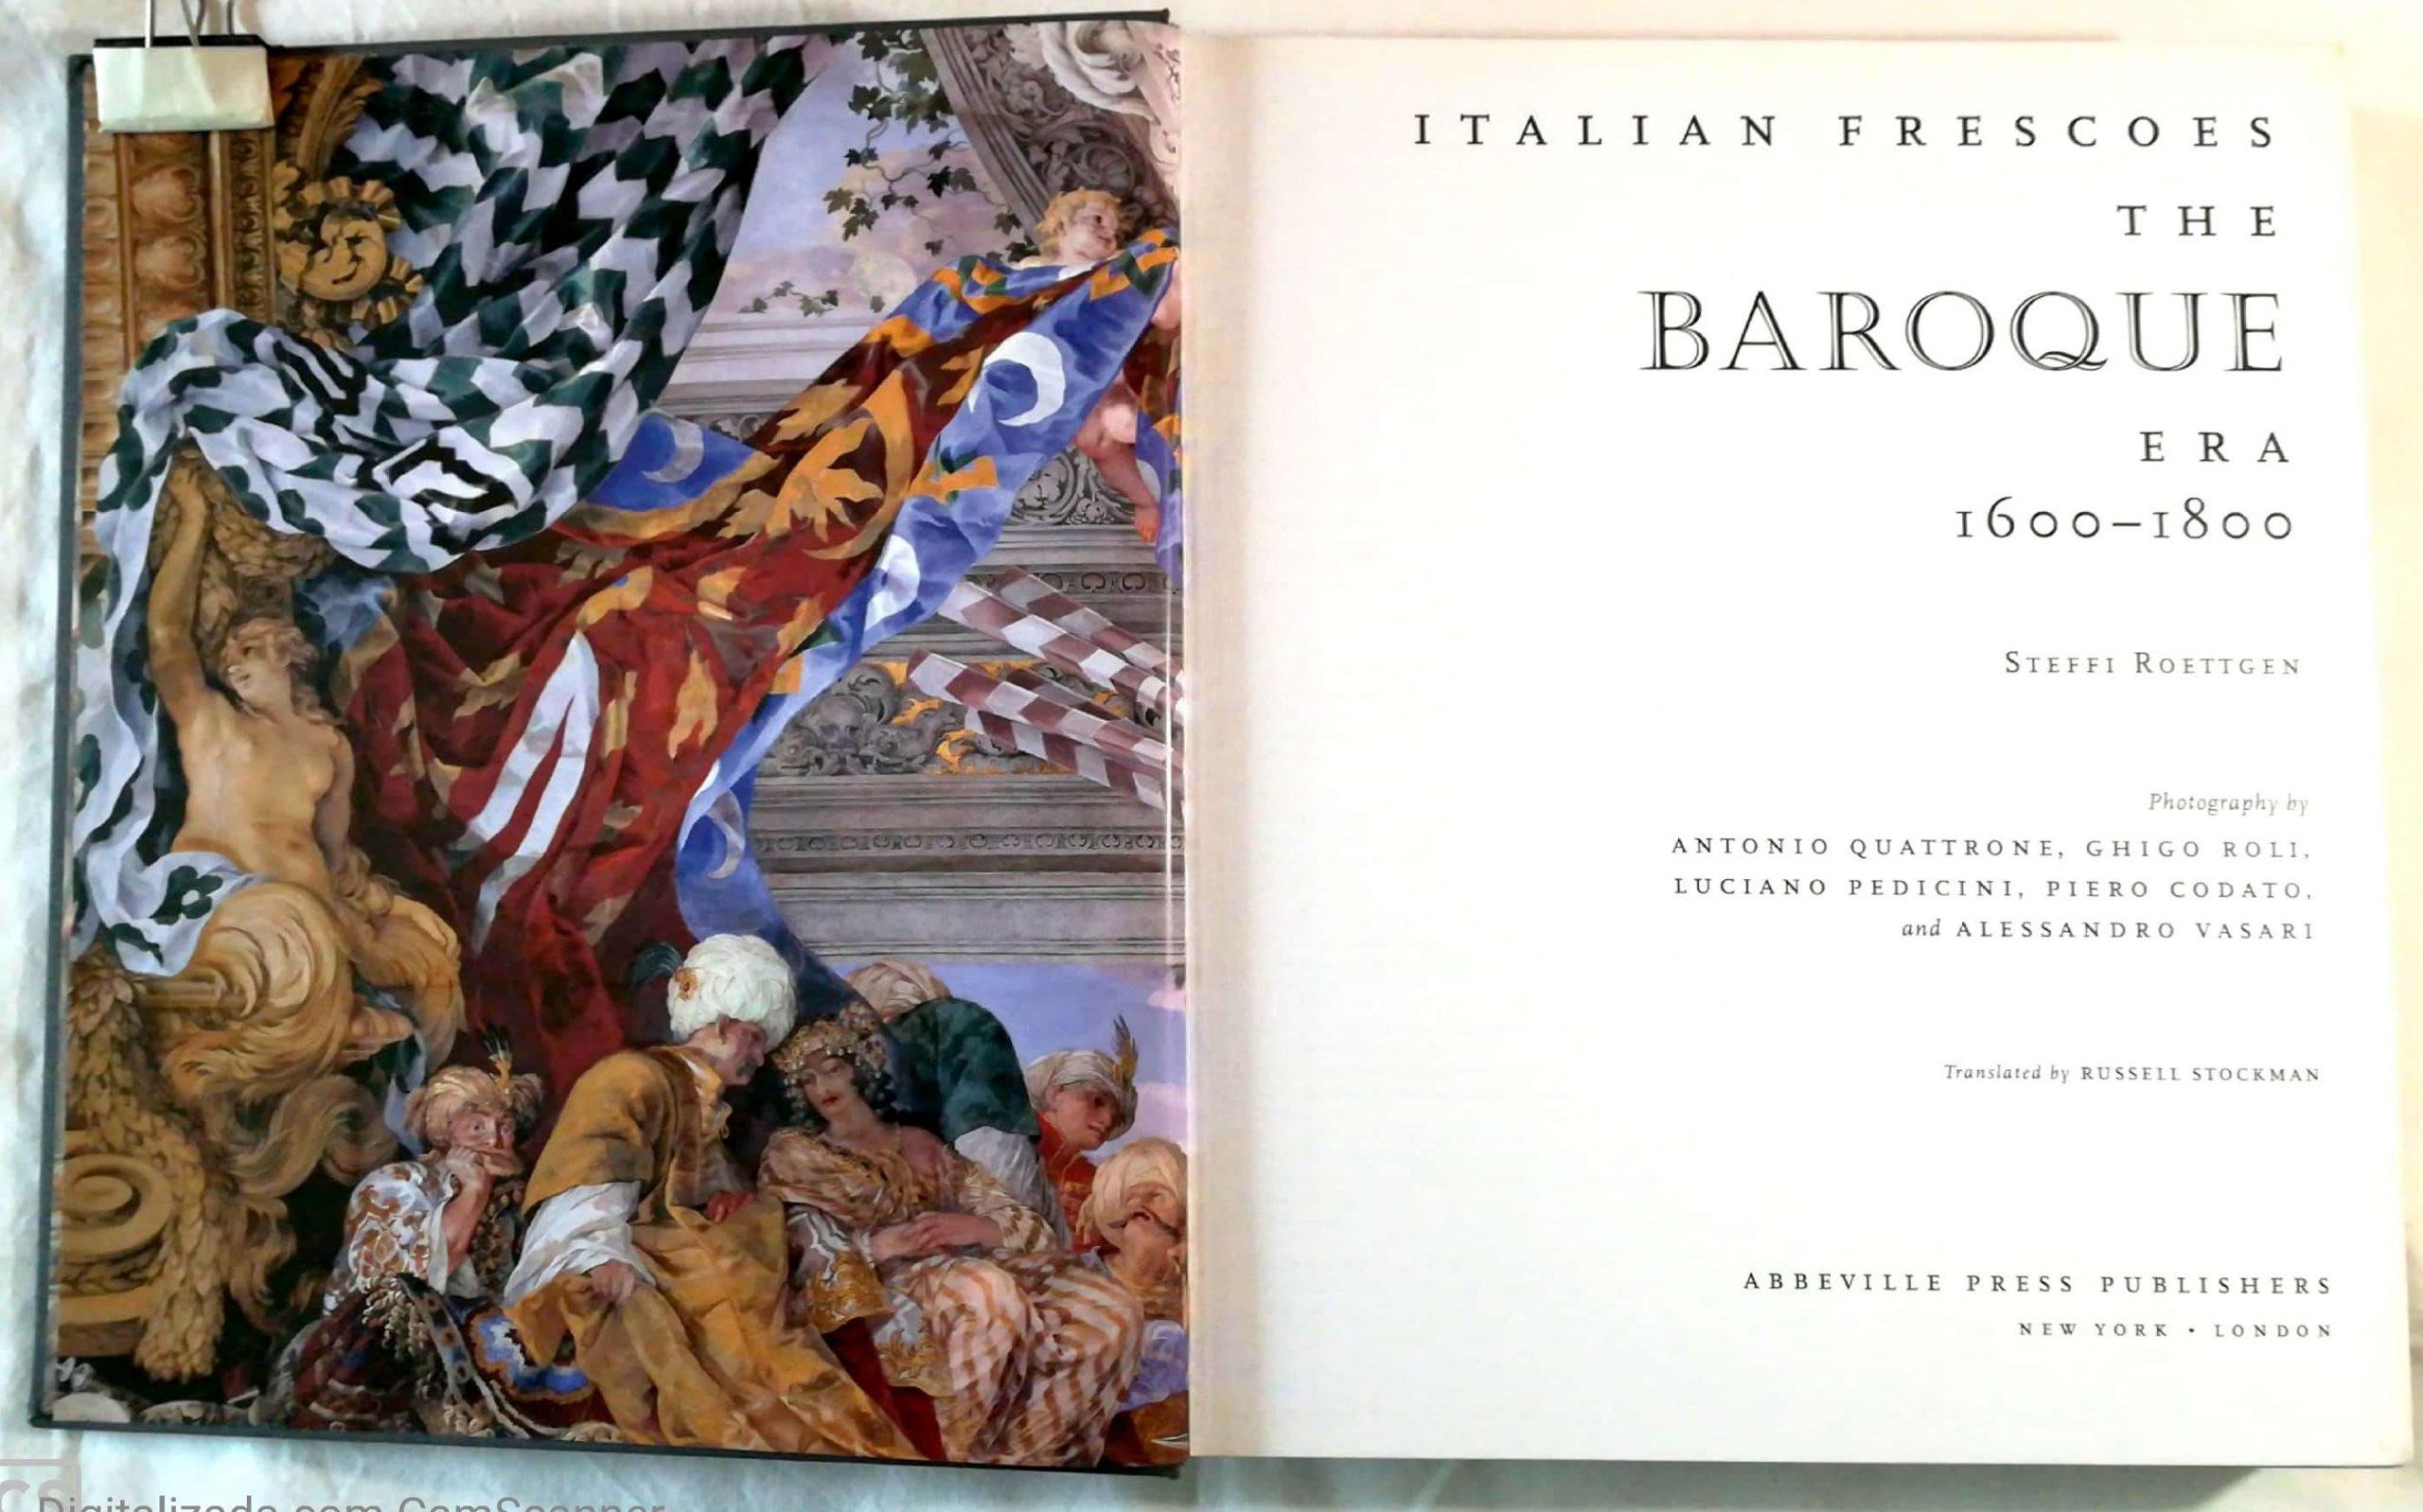 Italian Frescoes 12 (8)